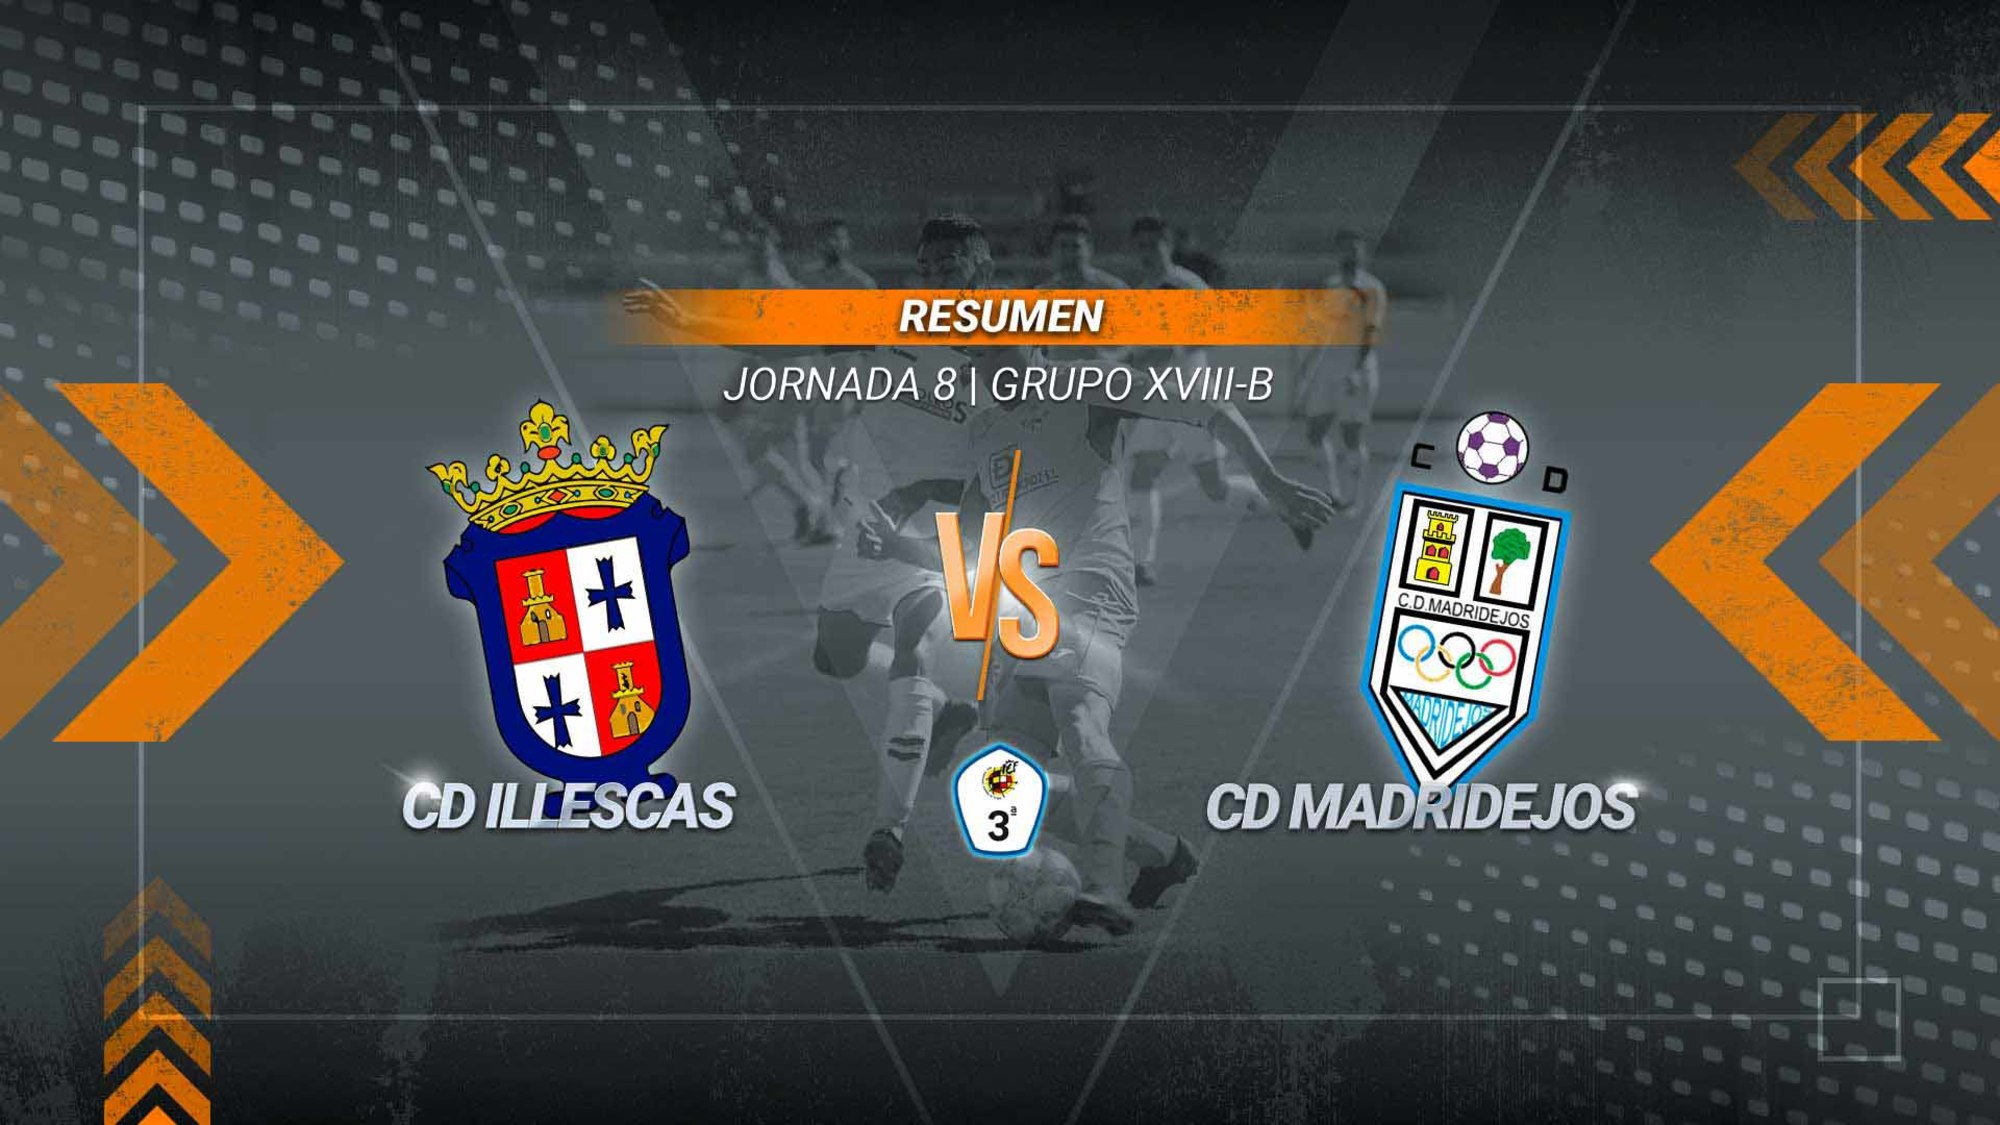 Reparto de puntos entre el Illescas y un Madridejos que sigue sin conocer la victoria. Carlos Jiménez abrió el marcador con un espectacular gol desde fuera del área y Bangou firmó la igualada al aprovechar el rechace de un penalti.